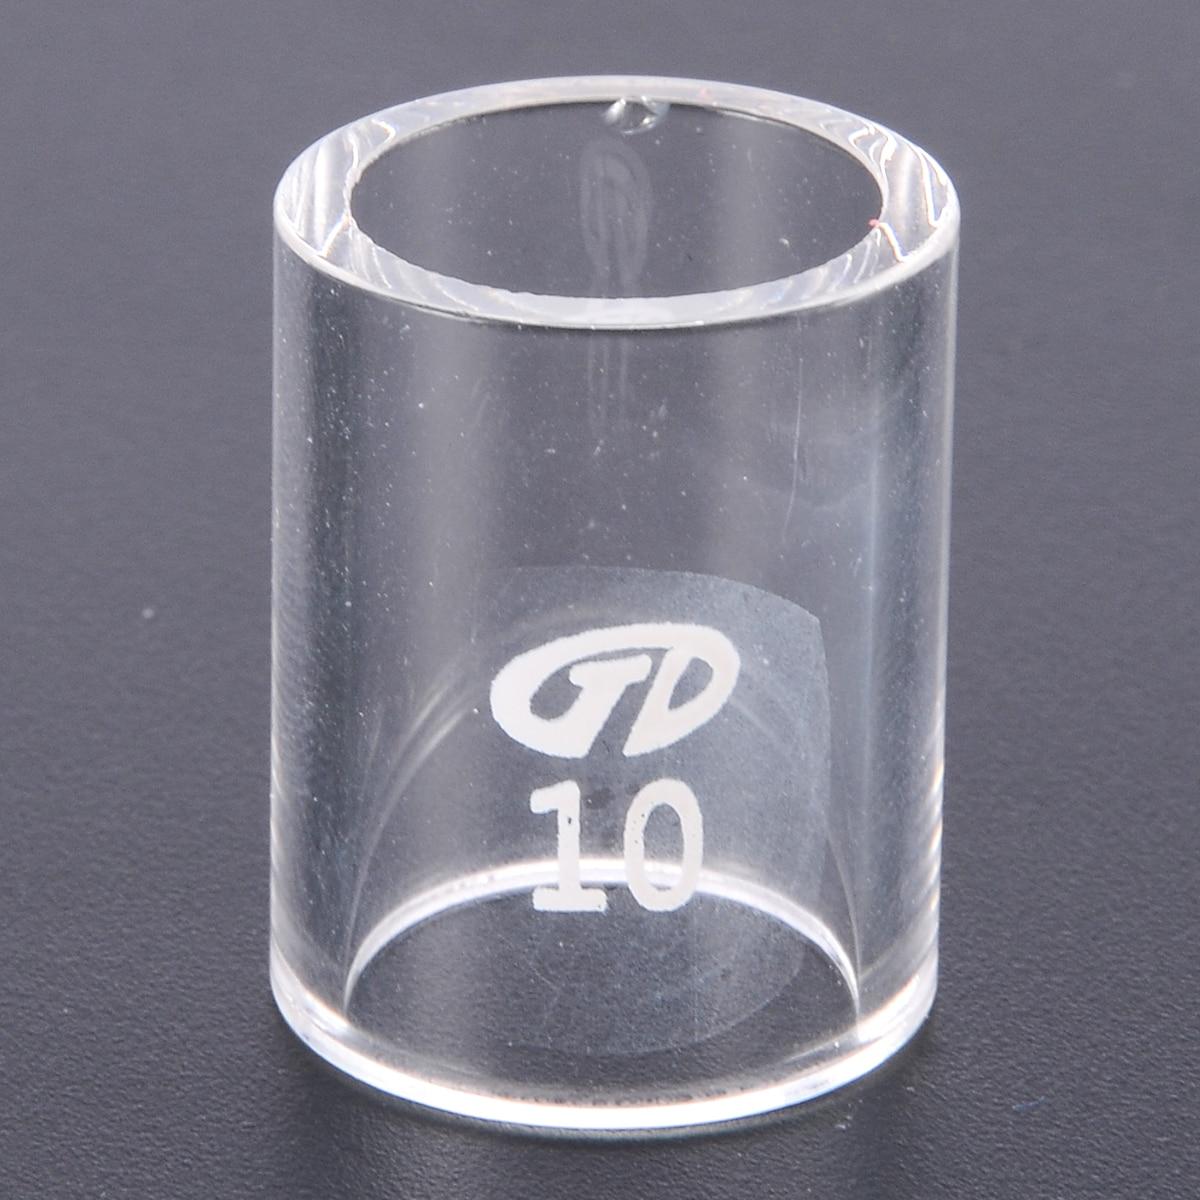 9 teile/satz Schweißen Taschenlampe Kit 1,6mm Schweißen Fackel Tig Gas Objektiv Glas Tasse Kit für WP-17/18/ 26 1/16 ''Wig-schweißbrenner Für Schweißer